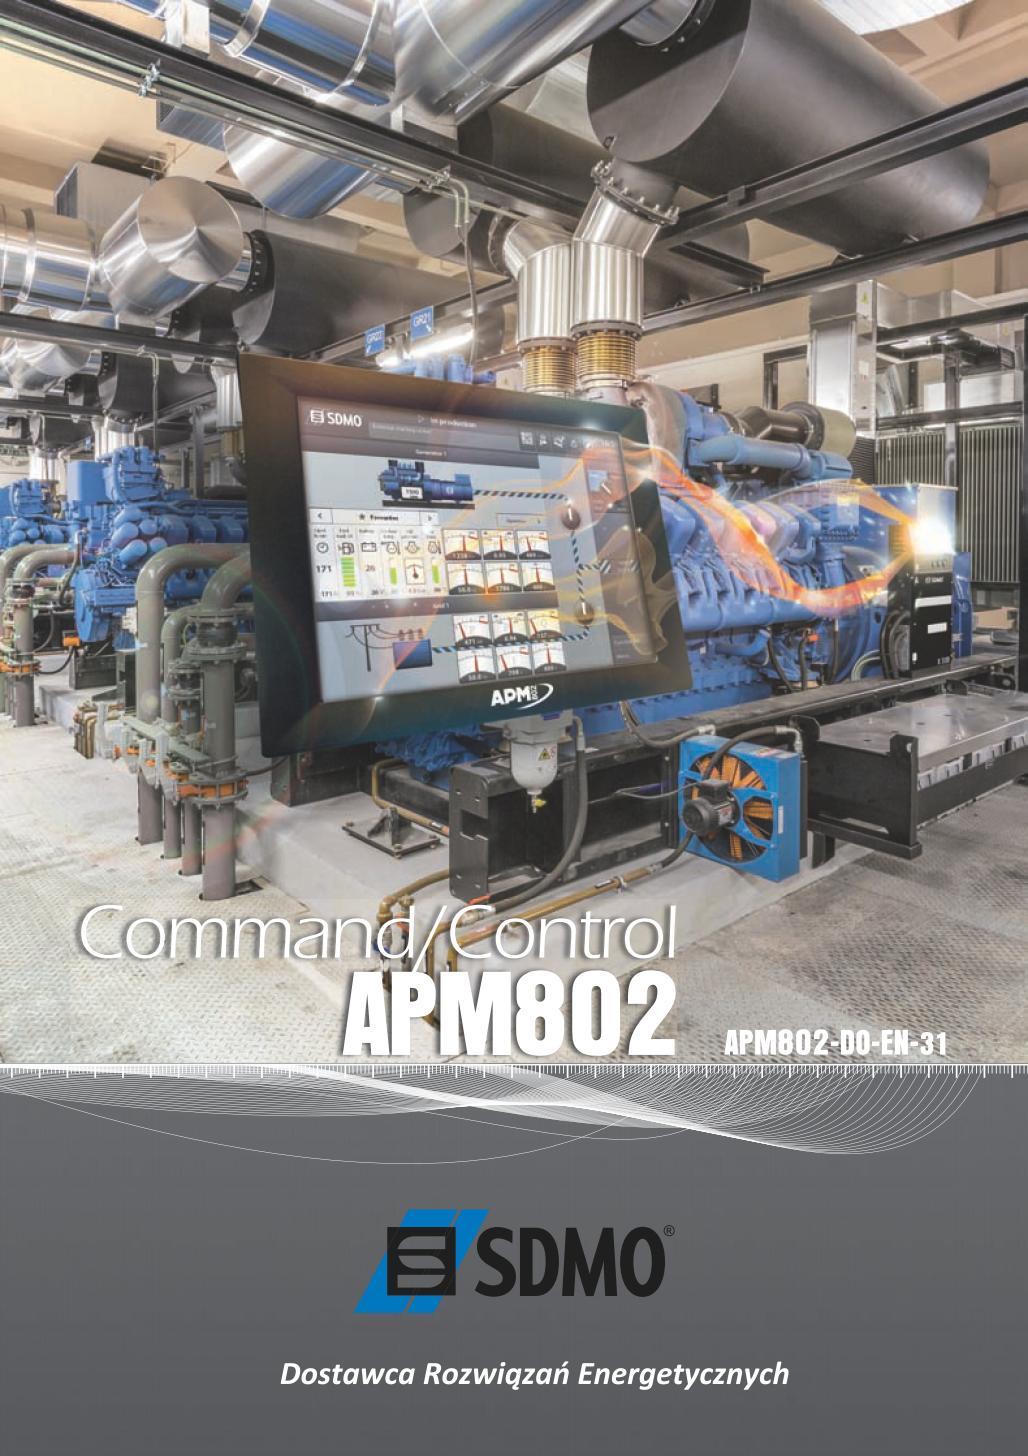 APM802-Broszura PL v1